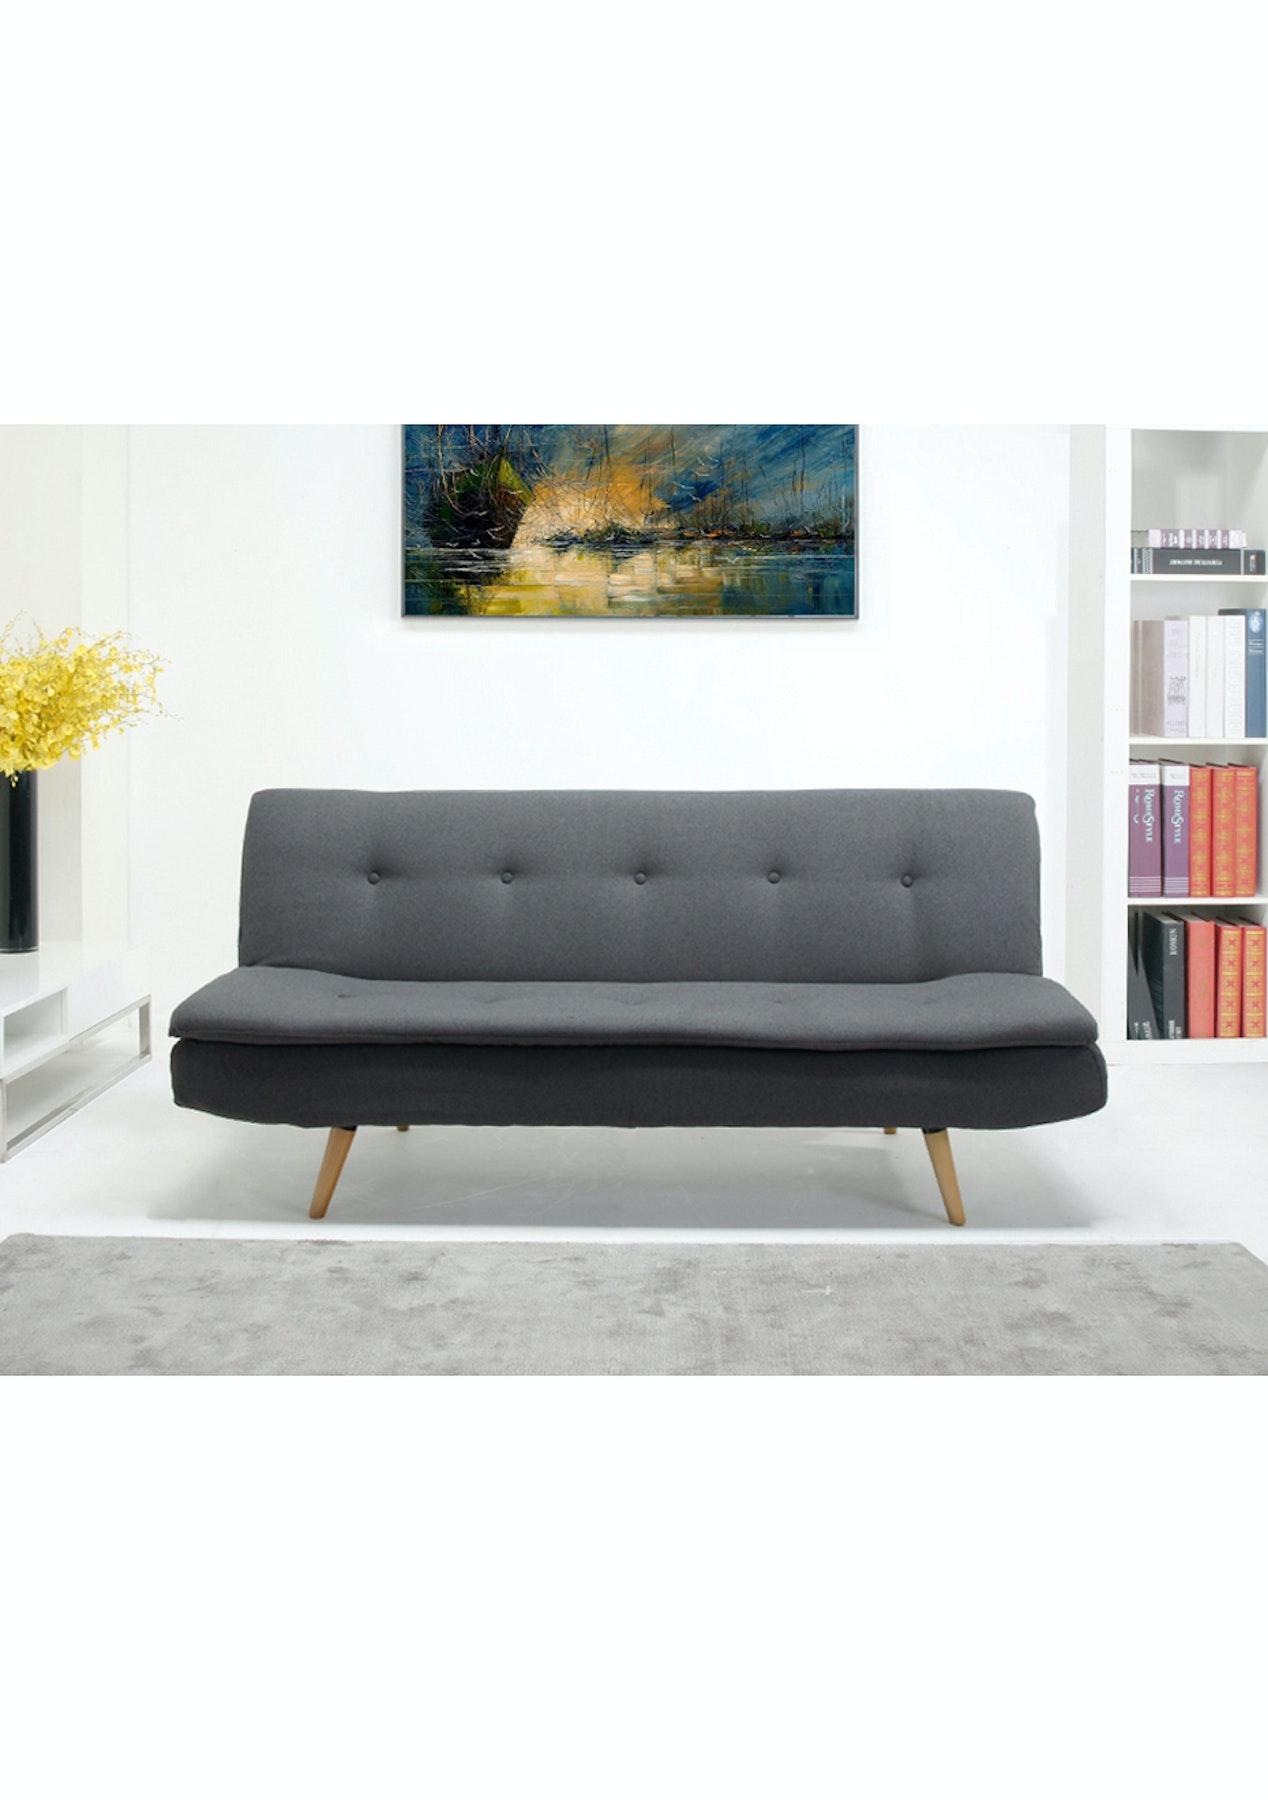 Awe Inspiring Lando 3 Seater Sofa Bed Profound Grey Home Interior And Landscaping Mentranervesignezvosmurscom